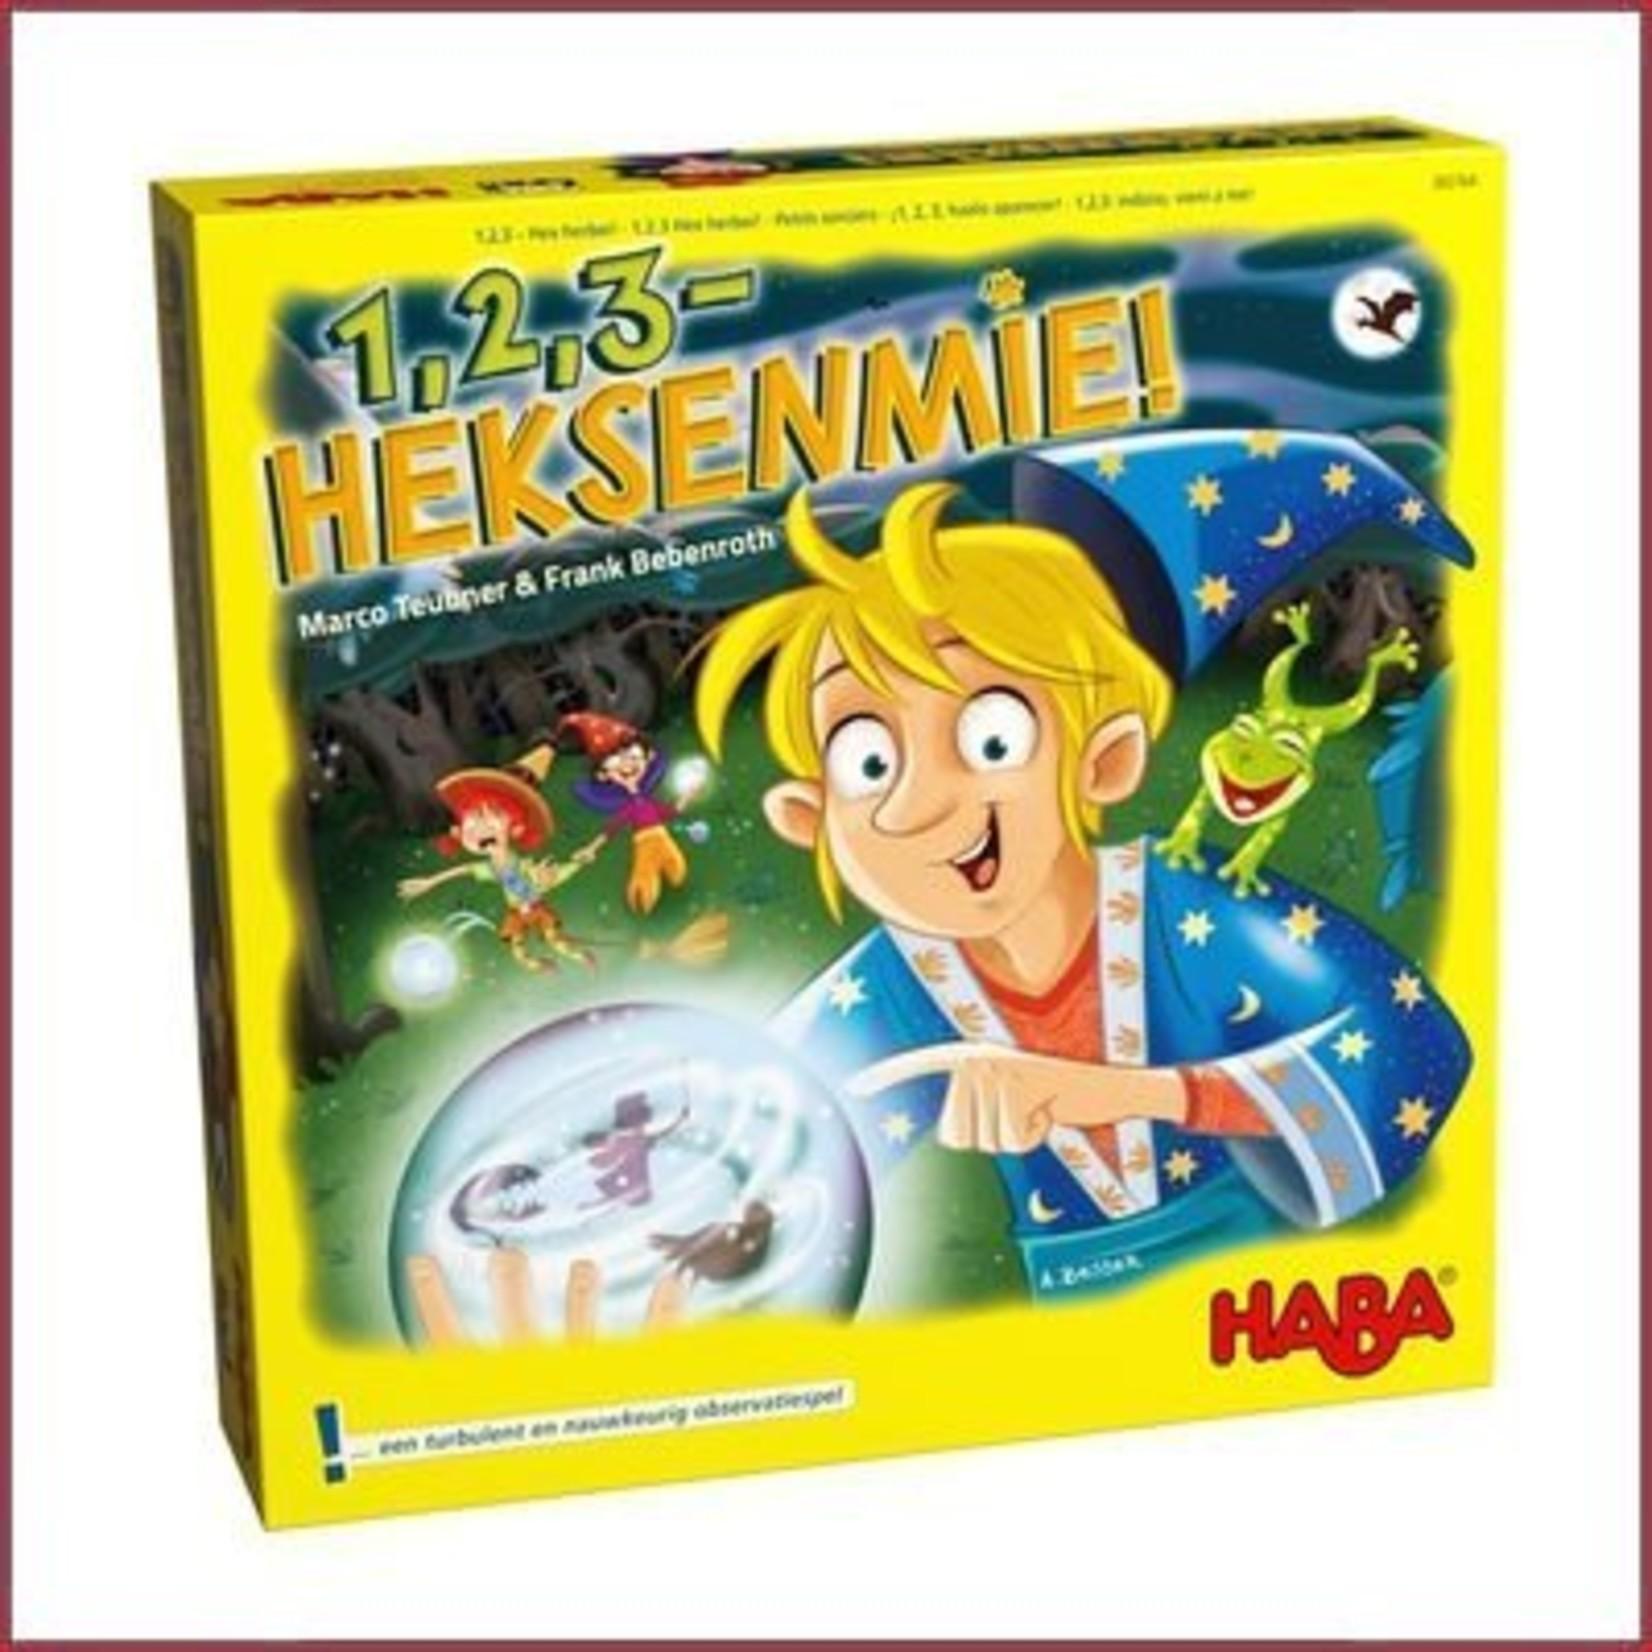 Haba Spel - 1, 2, 3 - heksenmie!